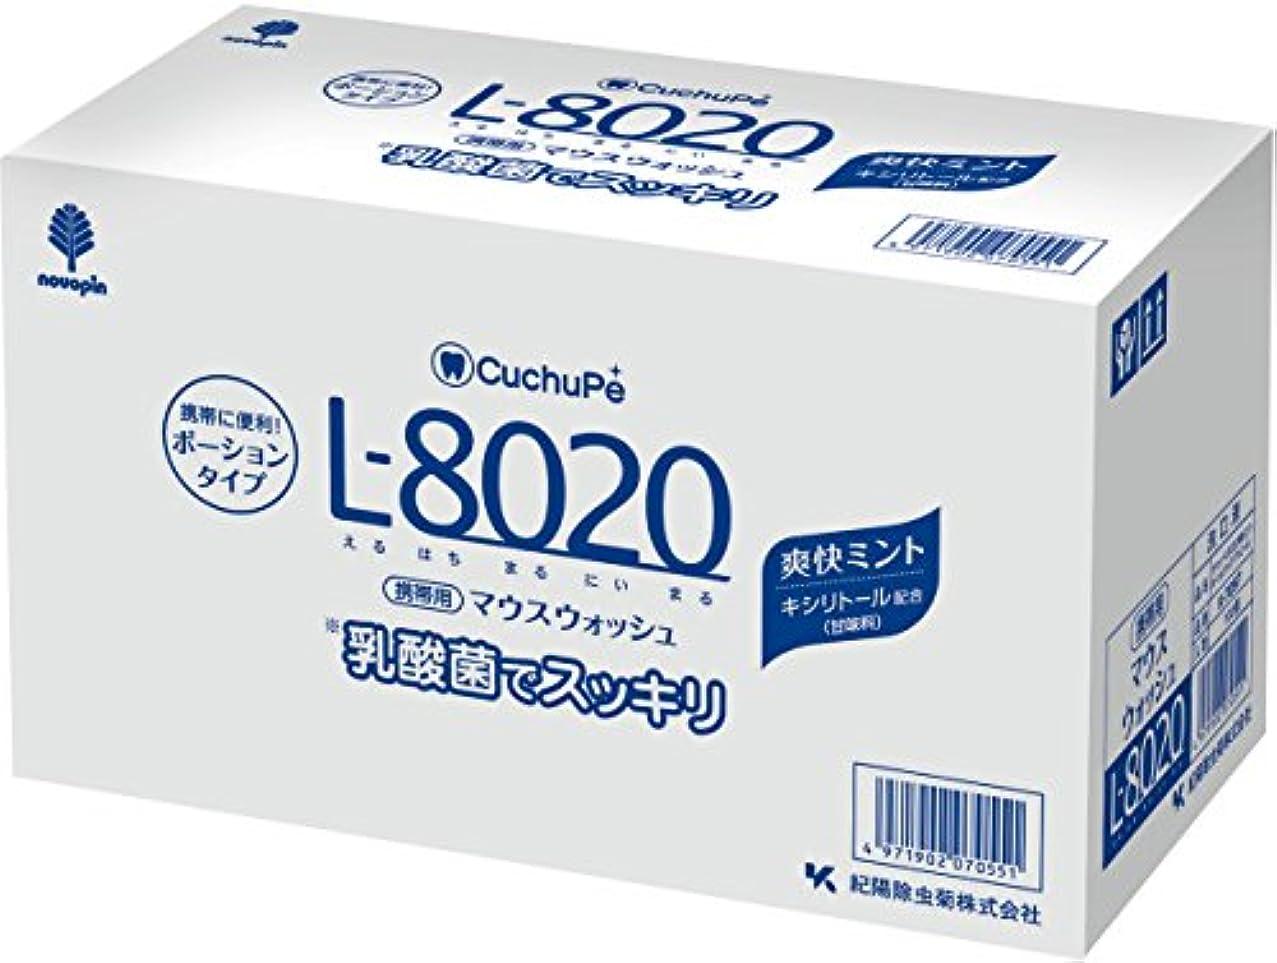 ストレンジャーサイバースペース野球紀陽除虫菊 マウスウォッシュ クチュッペ L-8020 爽快ミント (キシリトール配合) ポーションタイプ 100個入